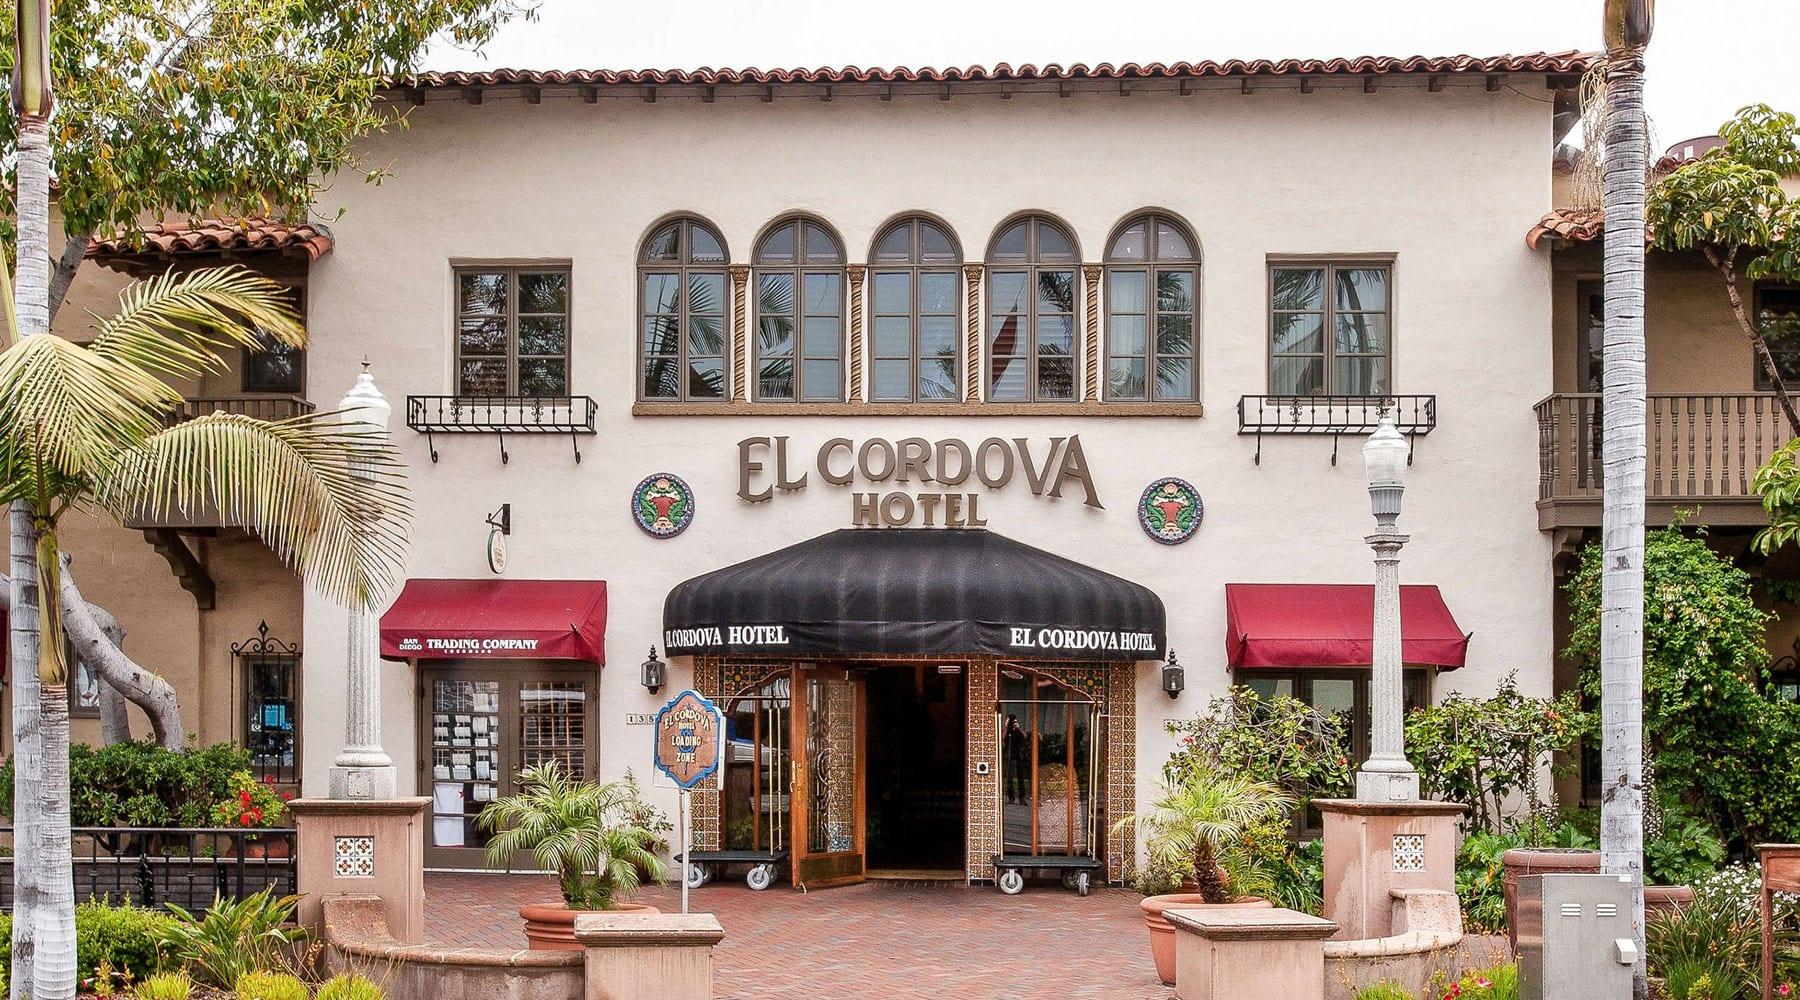 The El Cordova Hotel